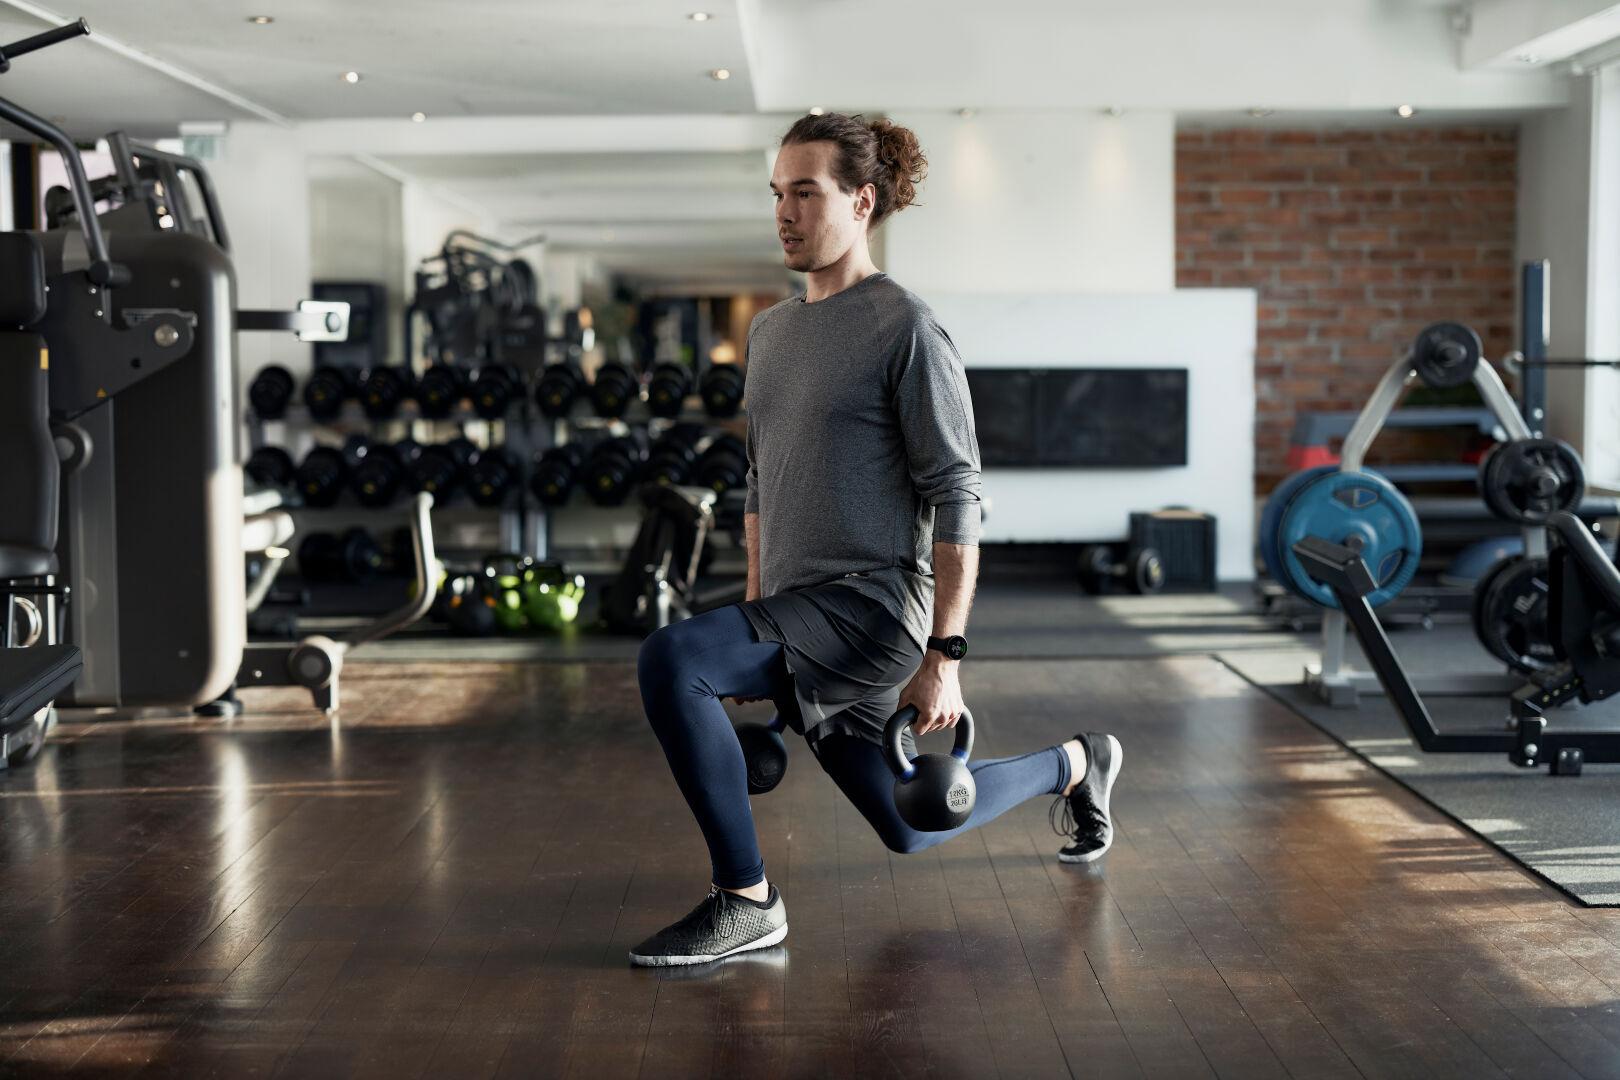 Polar przygotował zegarek fitness dla osób, które nie potrzebują miliona funkcji 21